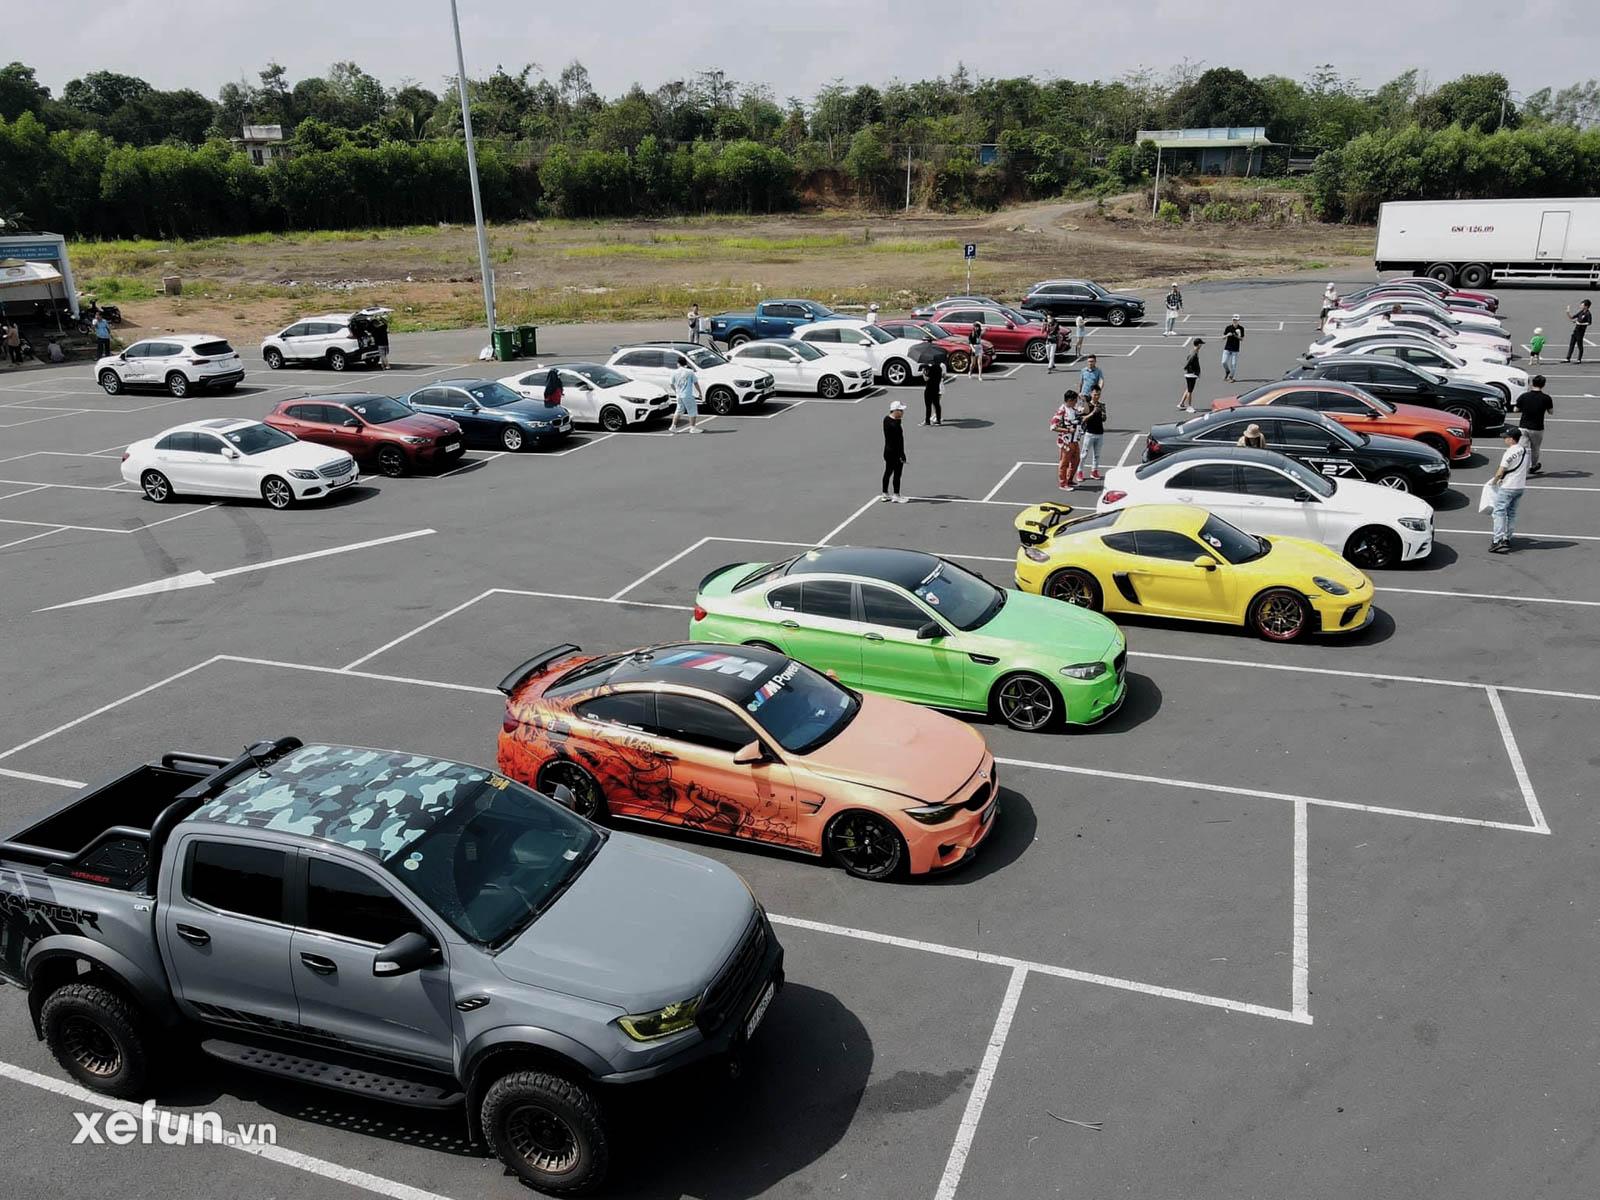 Summer Trip Mãn nhãn với dàn siêu xe tiền tỷ tại buổi offline của Hội Yêu Xe Đức Xefun - 243564